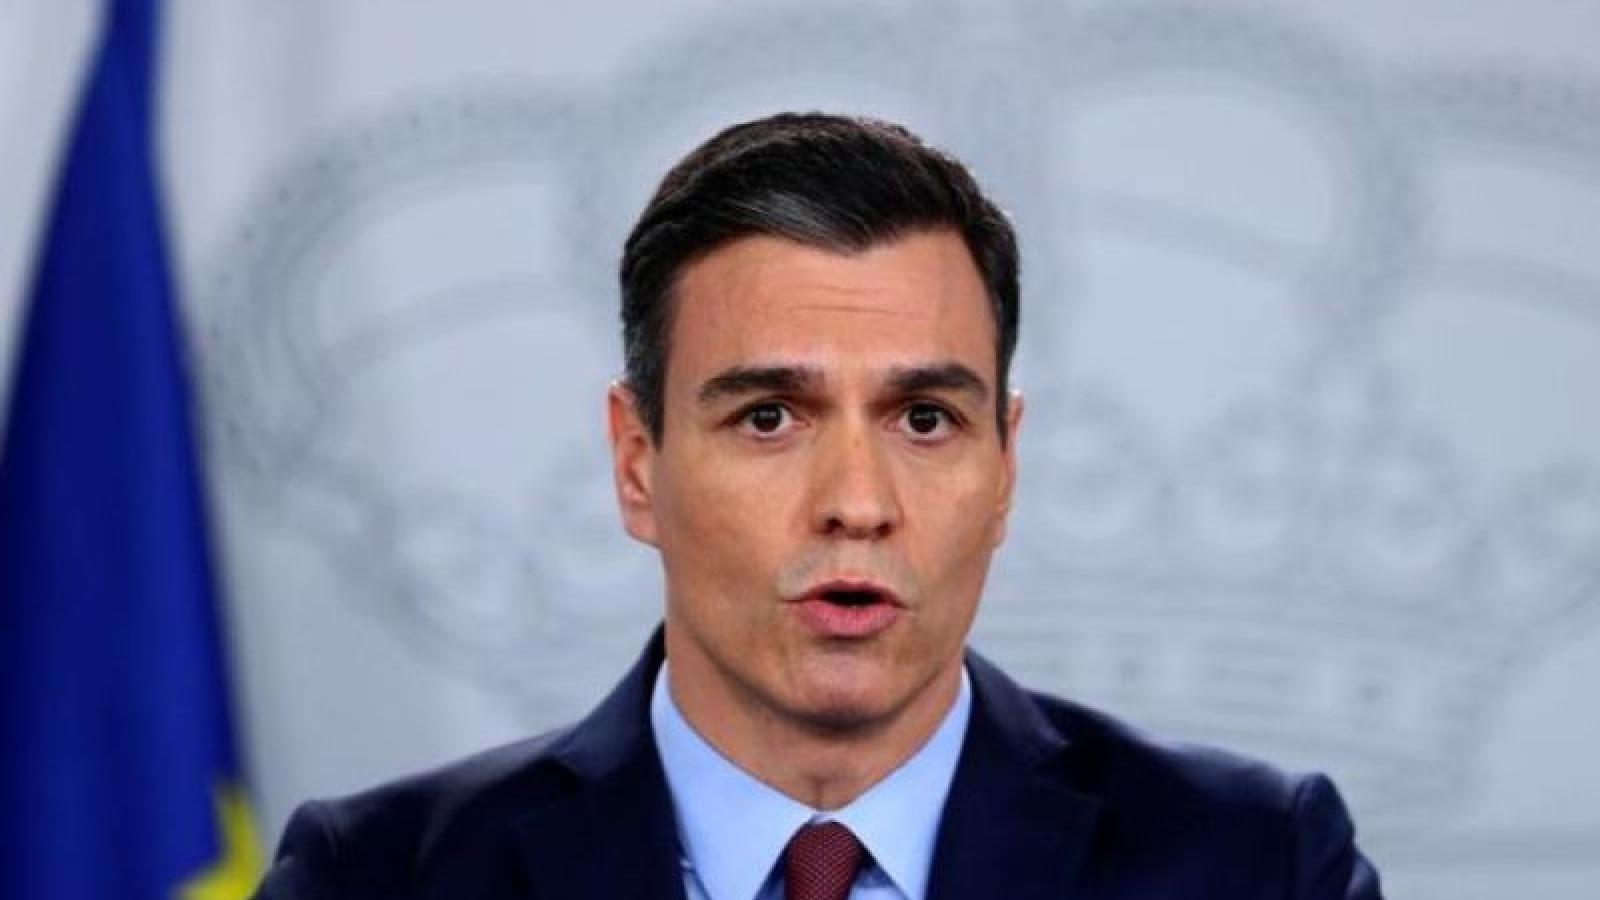 Tây Ban Nha sẽ nới lỏng lệnh phong tỏa vào nửa cuối tháng 5